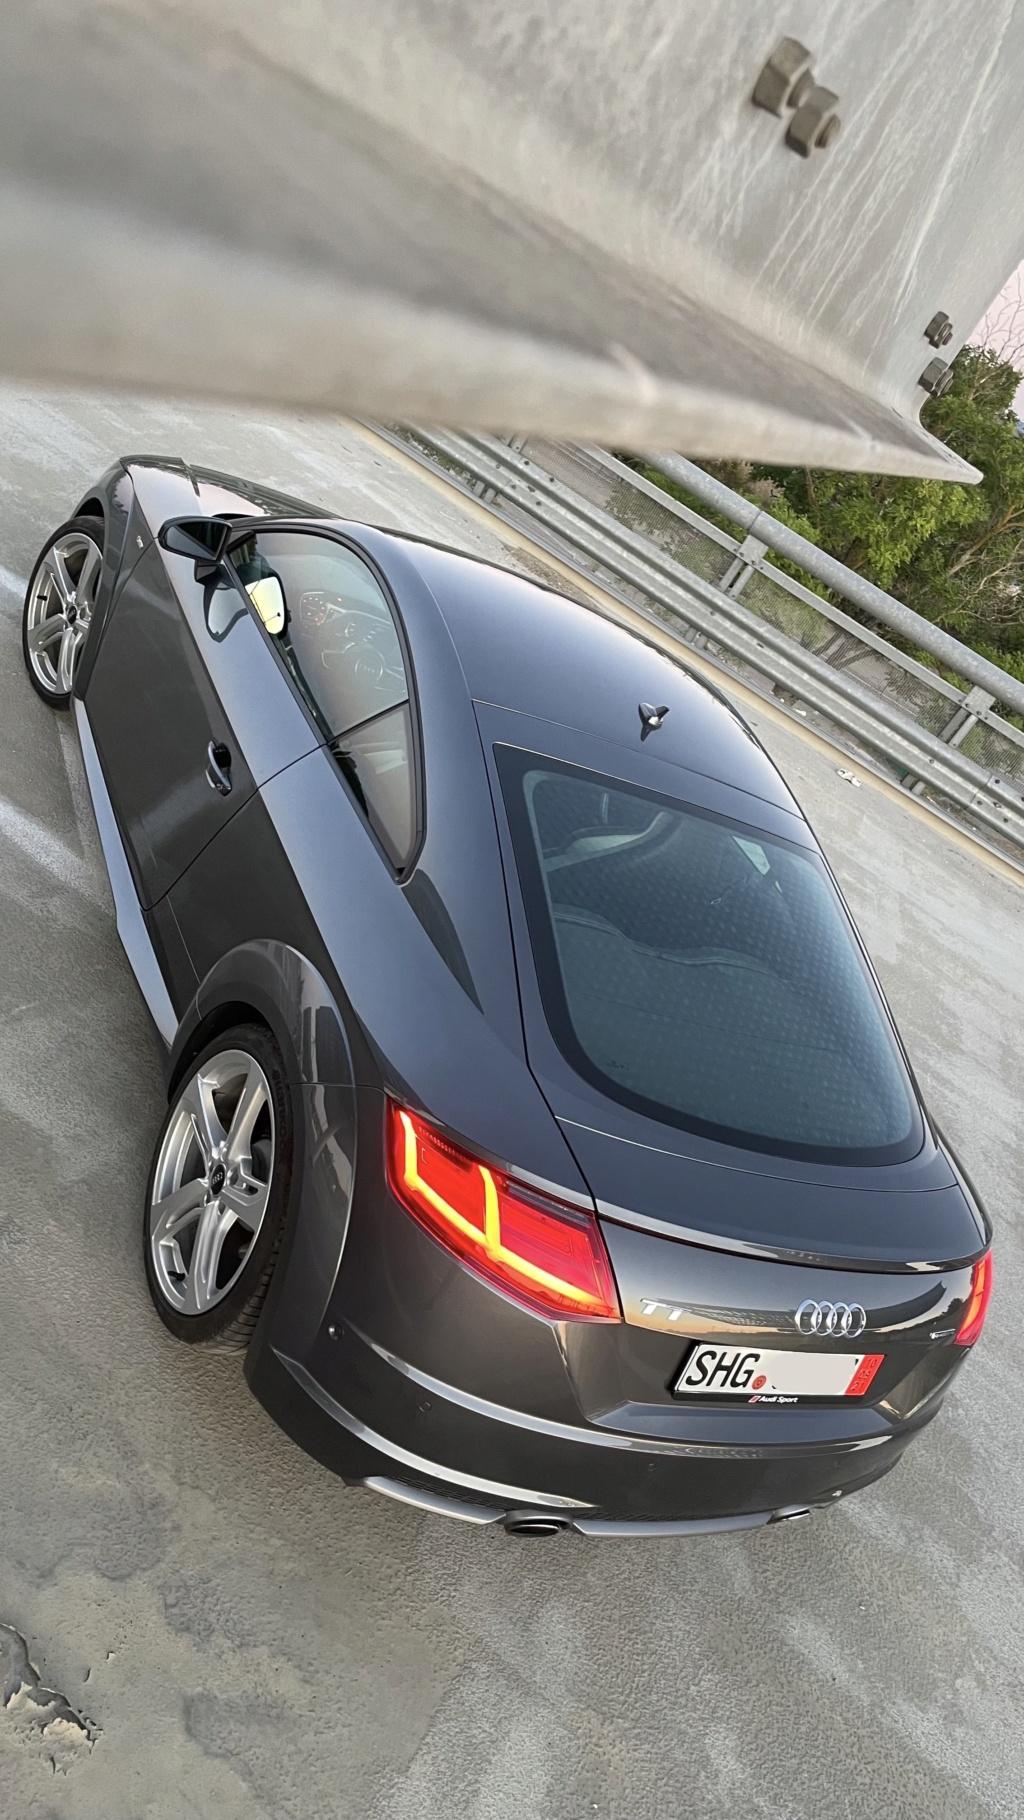 Tomsuits - Audi TT 230 Quattro - Daytona Grey - Alcantara Img_2712